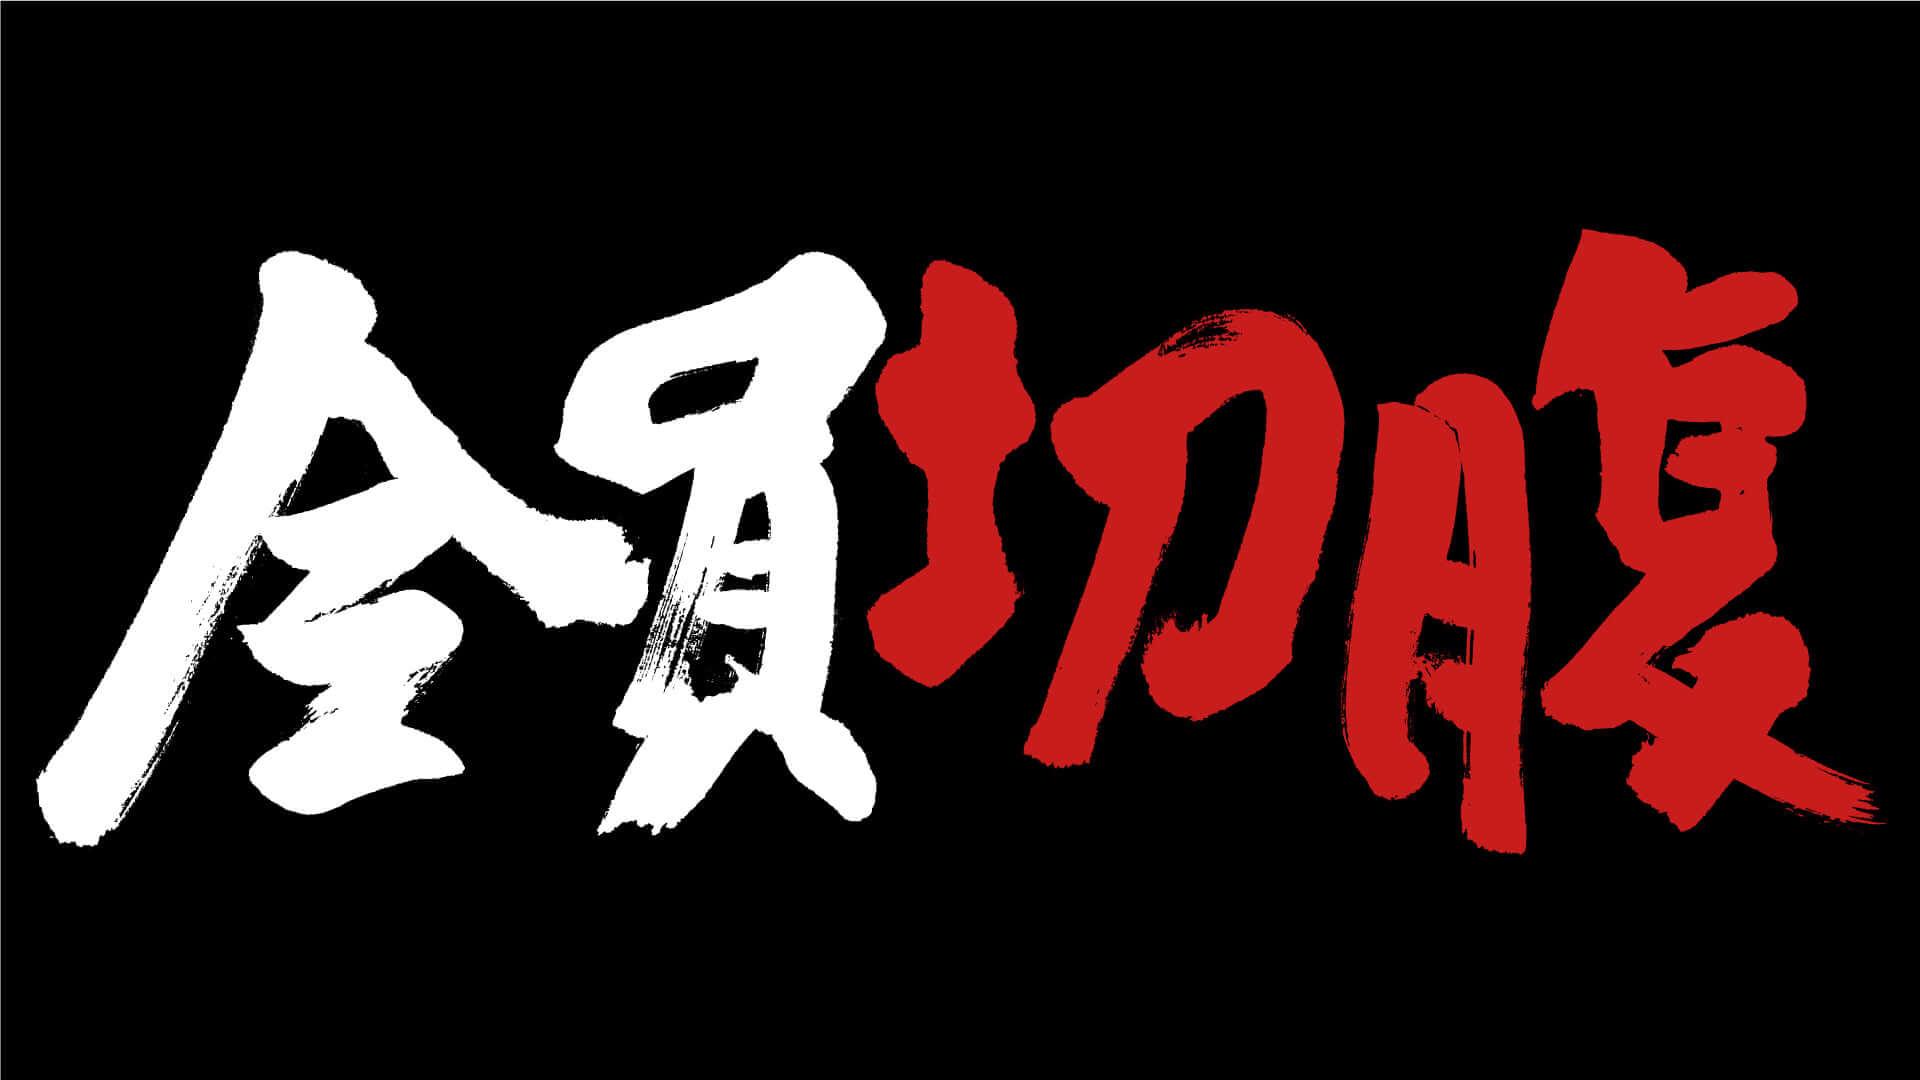 豊田利晃監督が窪塚洋介を主演に迎えた最新作『全員切腹』を製作決定!Mars89、切腹ピストルズらが音楽で参加 film210322_toshiakitoyoda_7-1920x1080